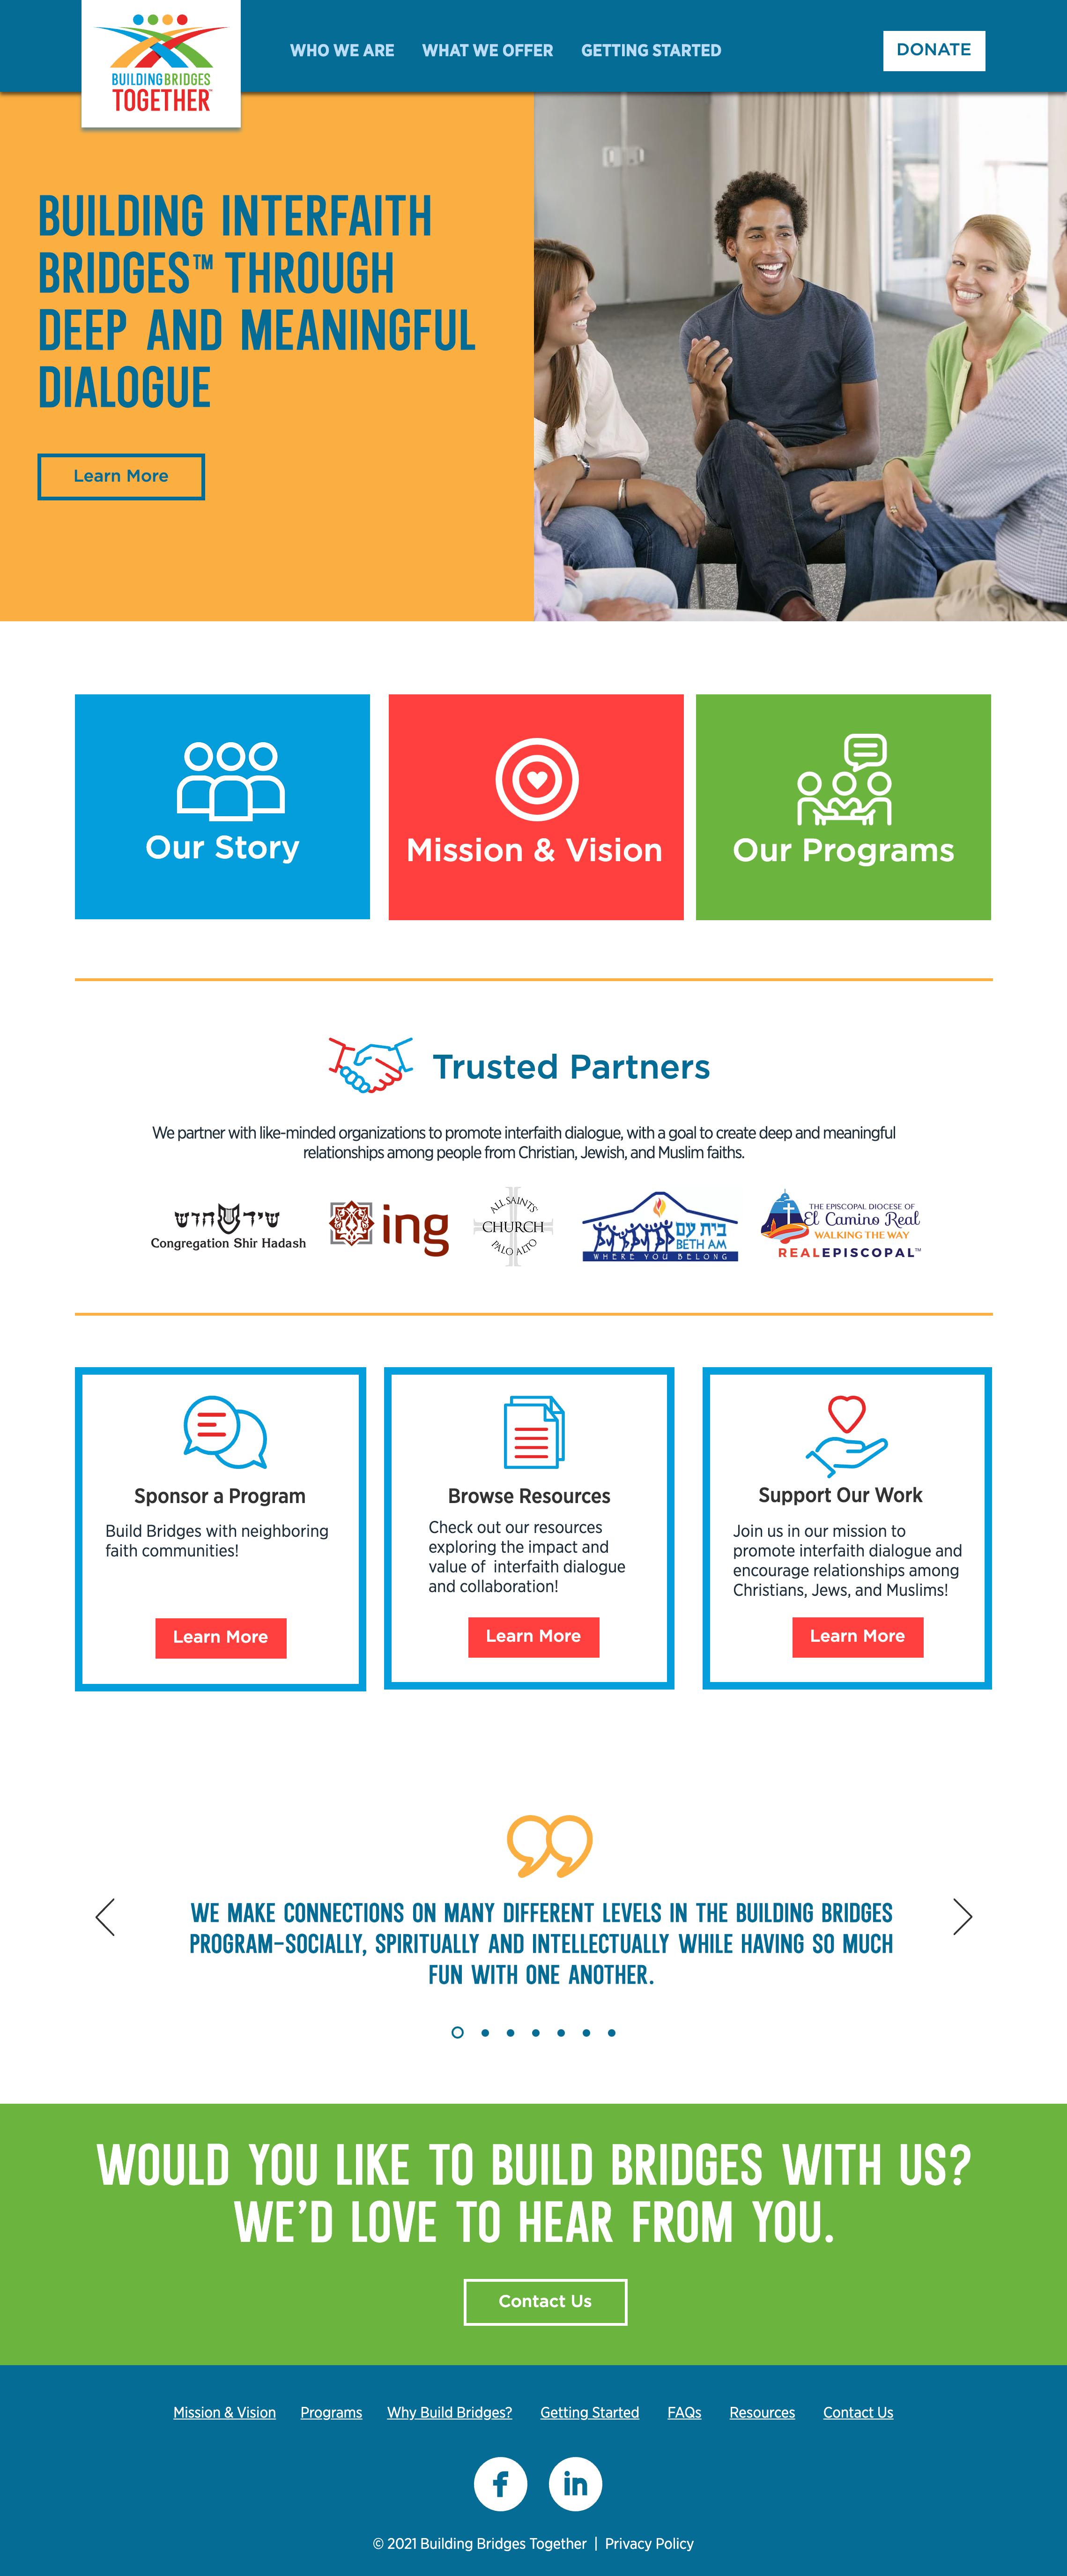 Building Bridges Together website home page